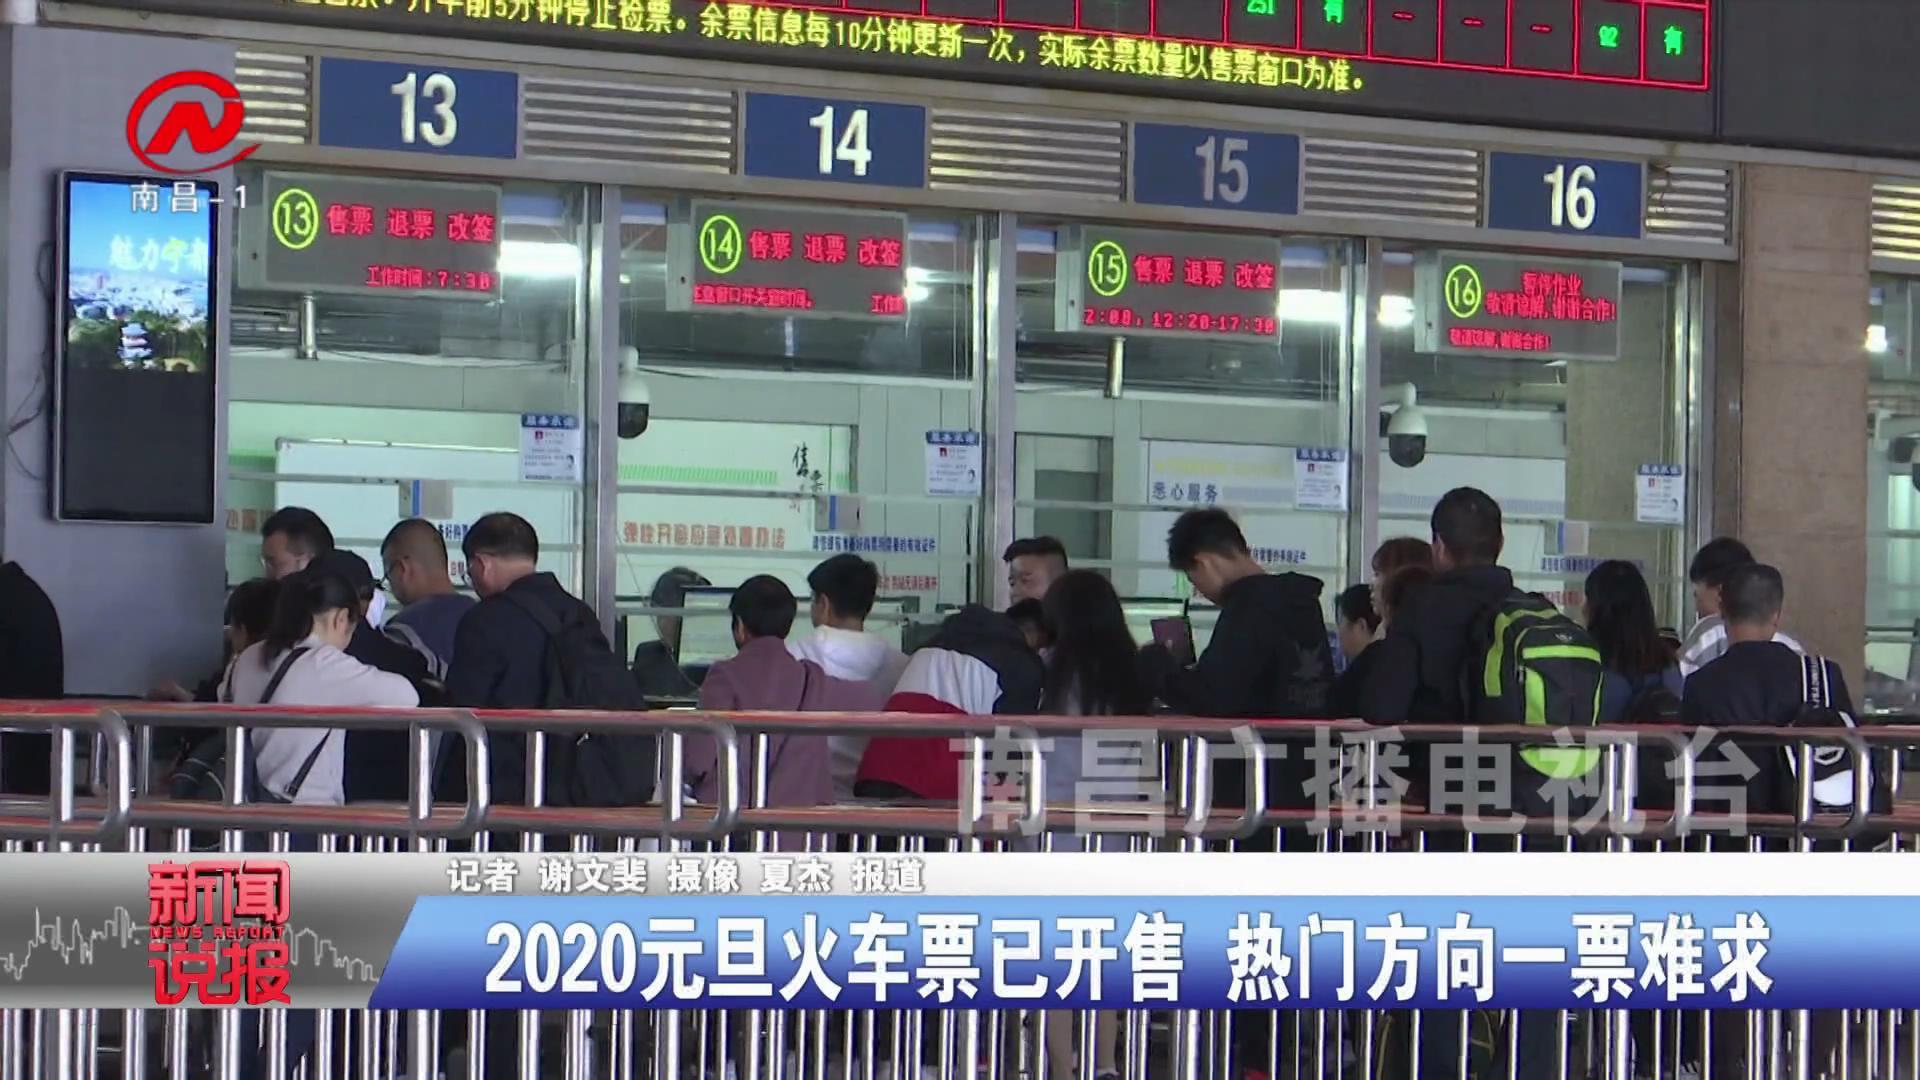 2020元旦火车票已开售 热门方向一票难求